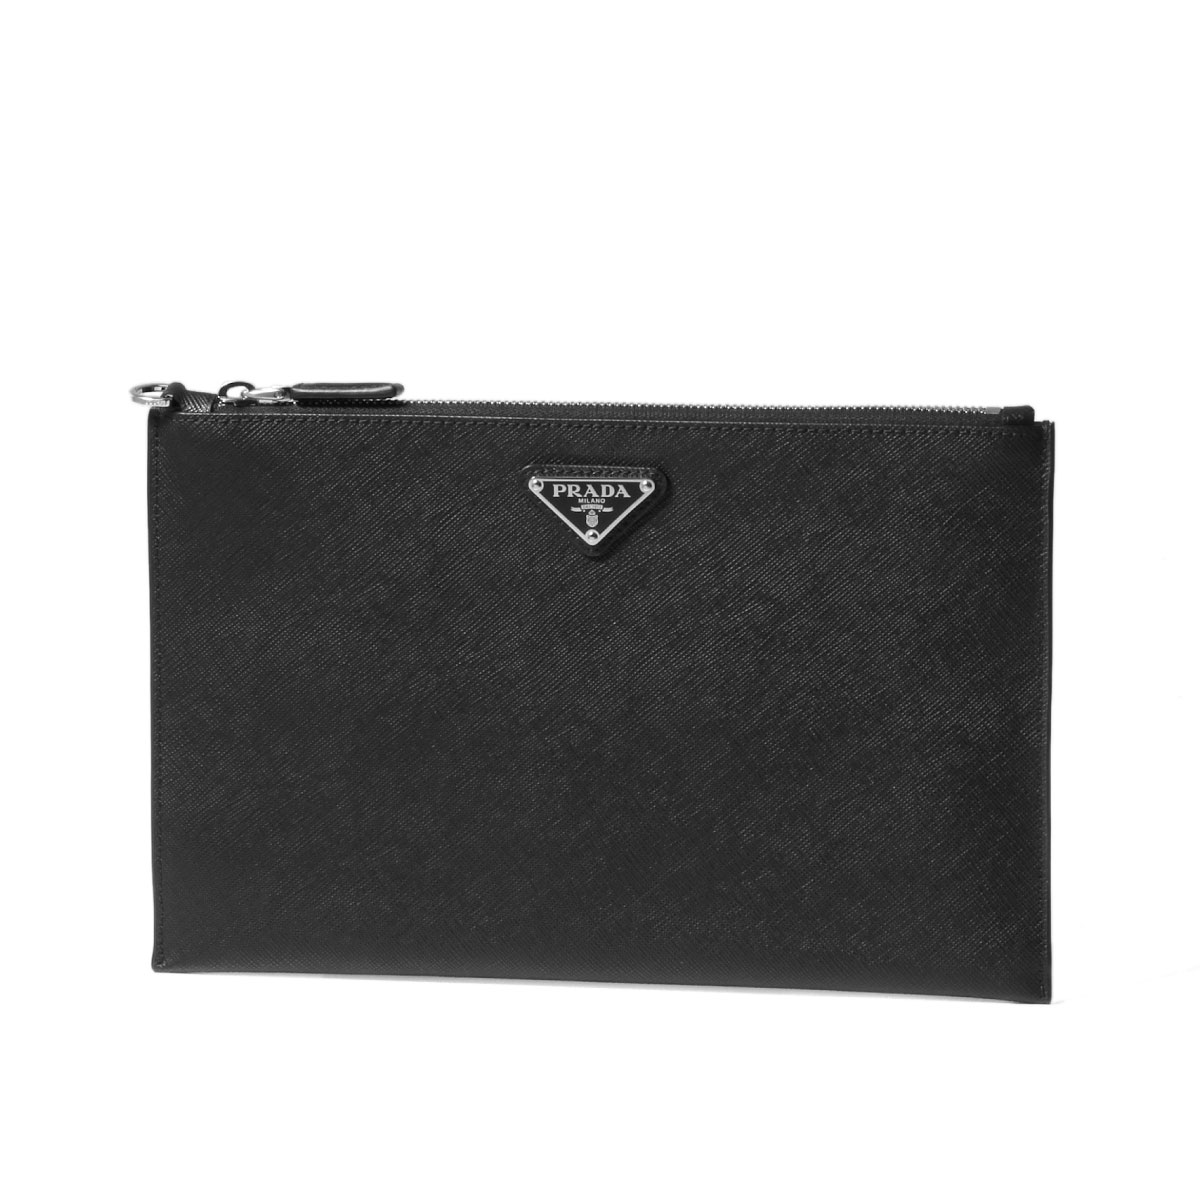 Prada Bag Men 2ng005 Pn9 F0002 Clutch Nero Black